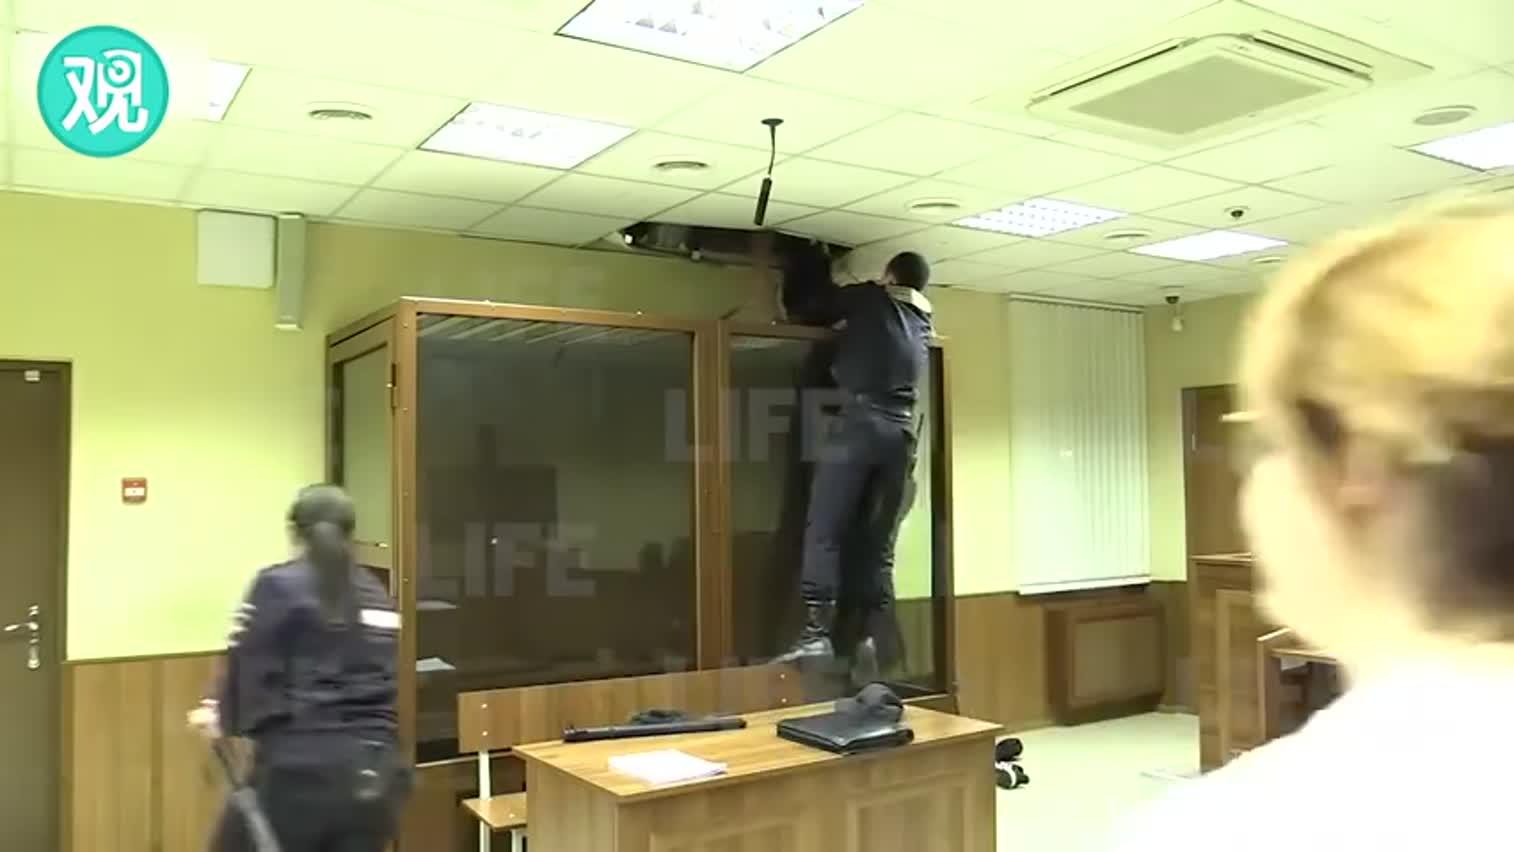 视频:俄嫌犯在警察眼皮底下越狱 钻出隔离室顶开天